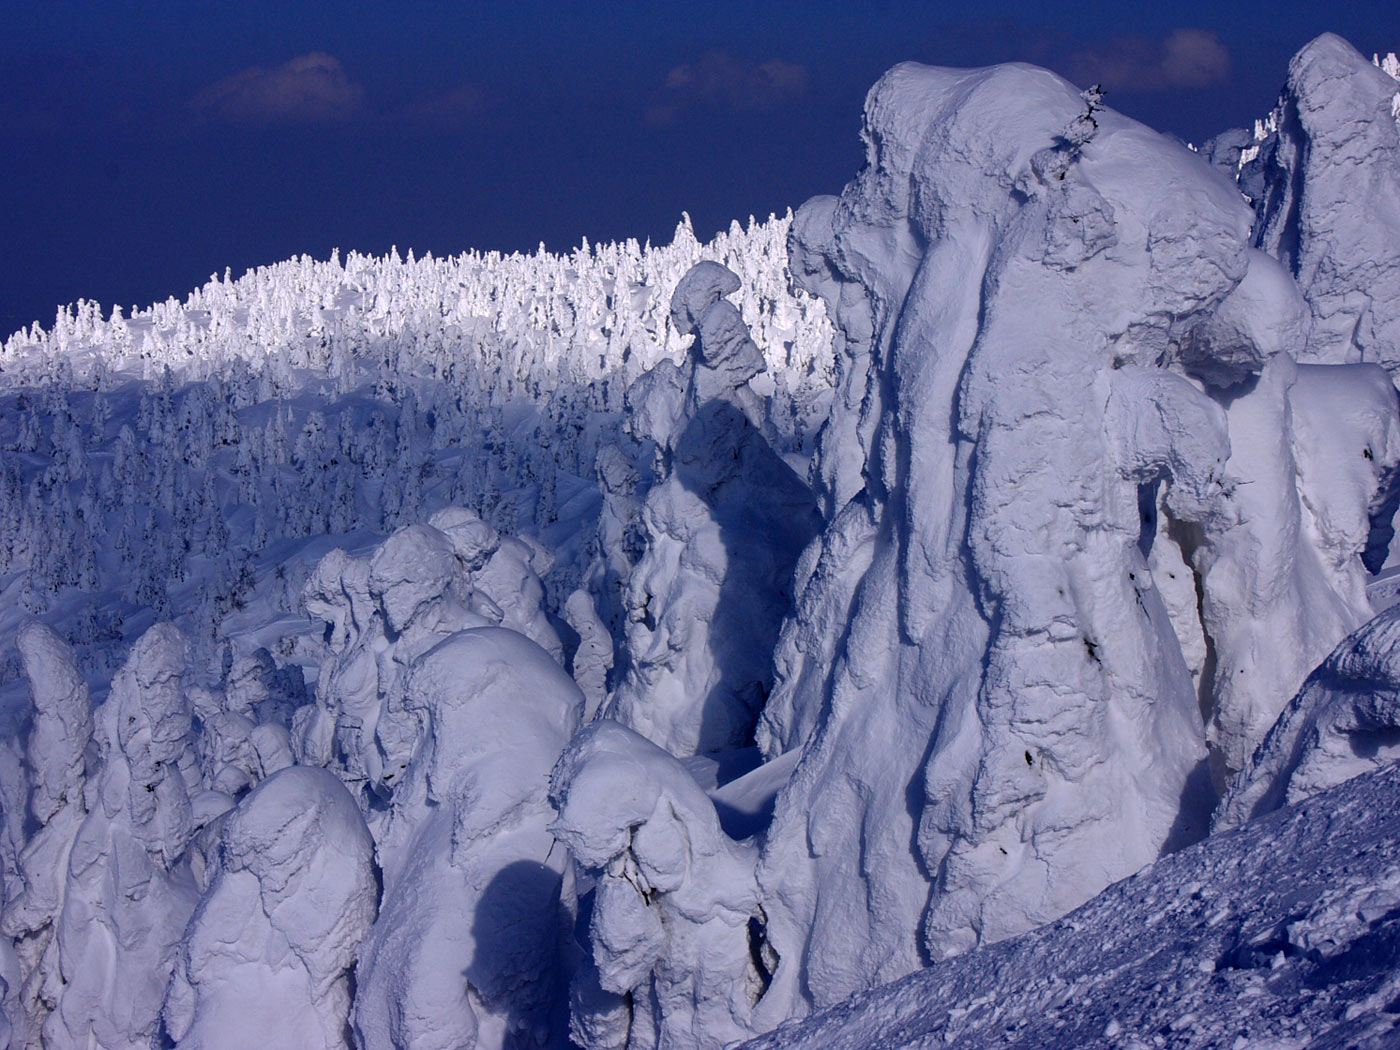 Chella S Musings Snow Monsters Of Japan